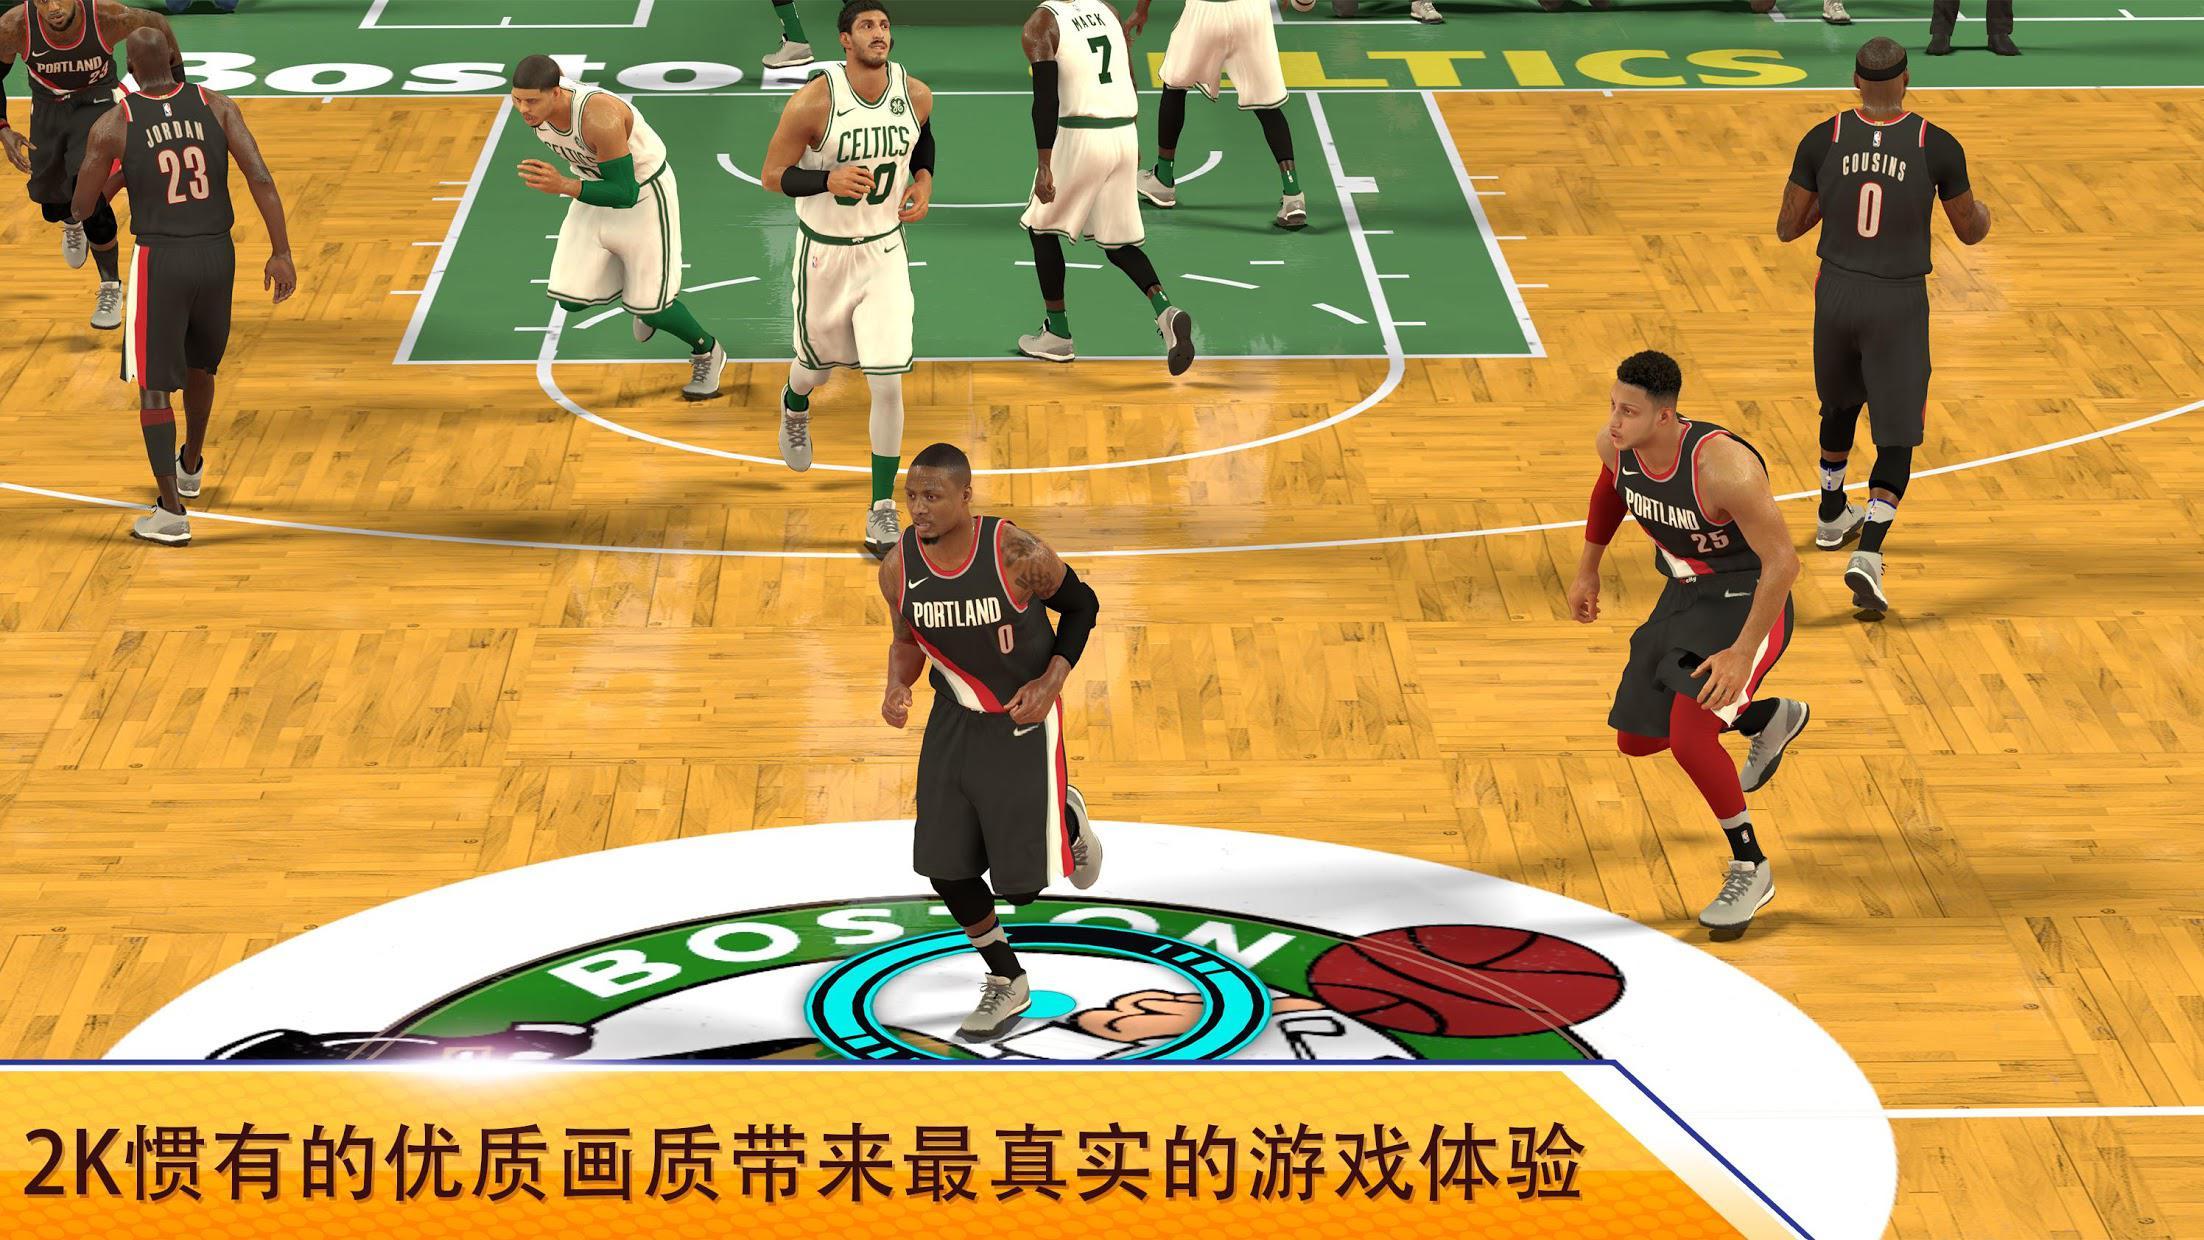 NBA 2K Mobile篮球 游戏截图5